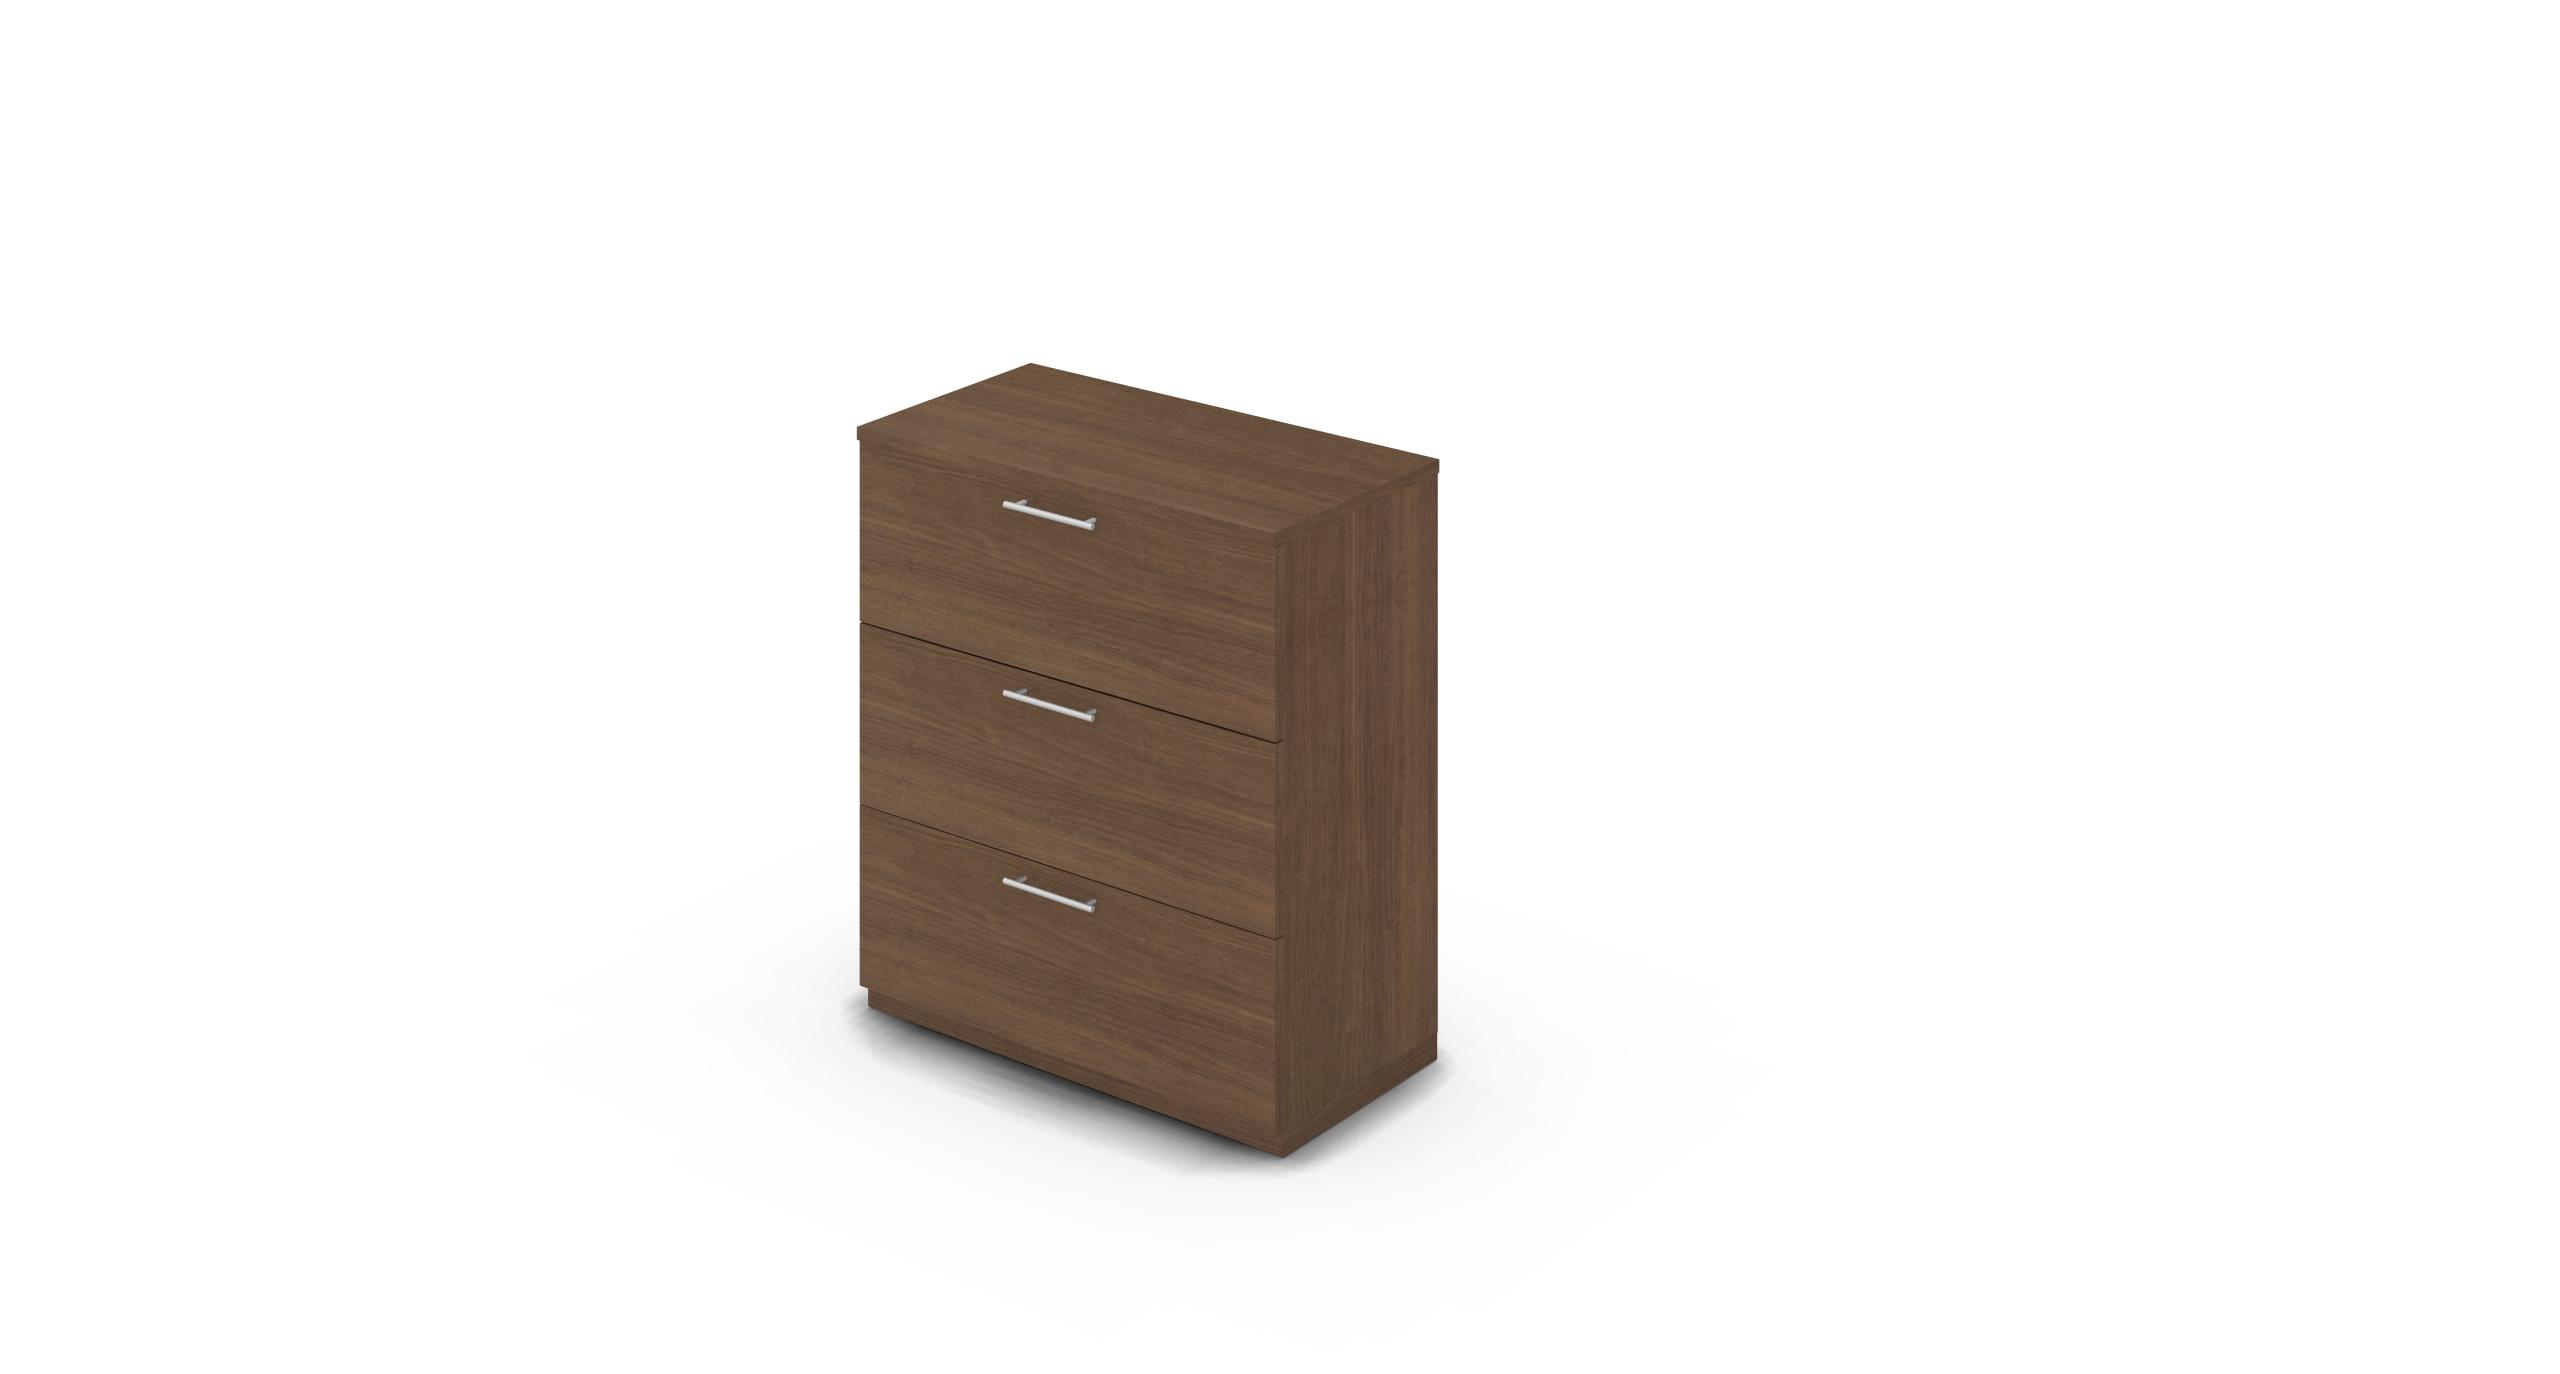 Cabinet_900x450x1125_DR_Walnut_Bar_Round_NoCylinder